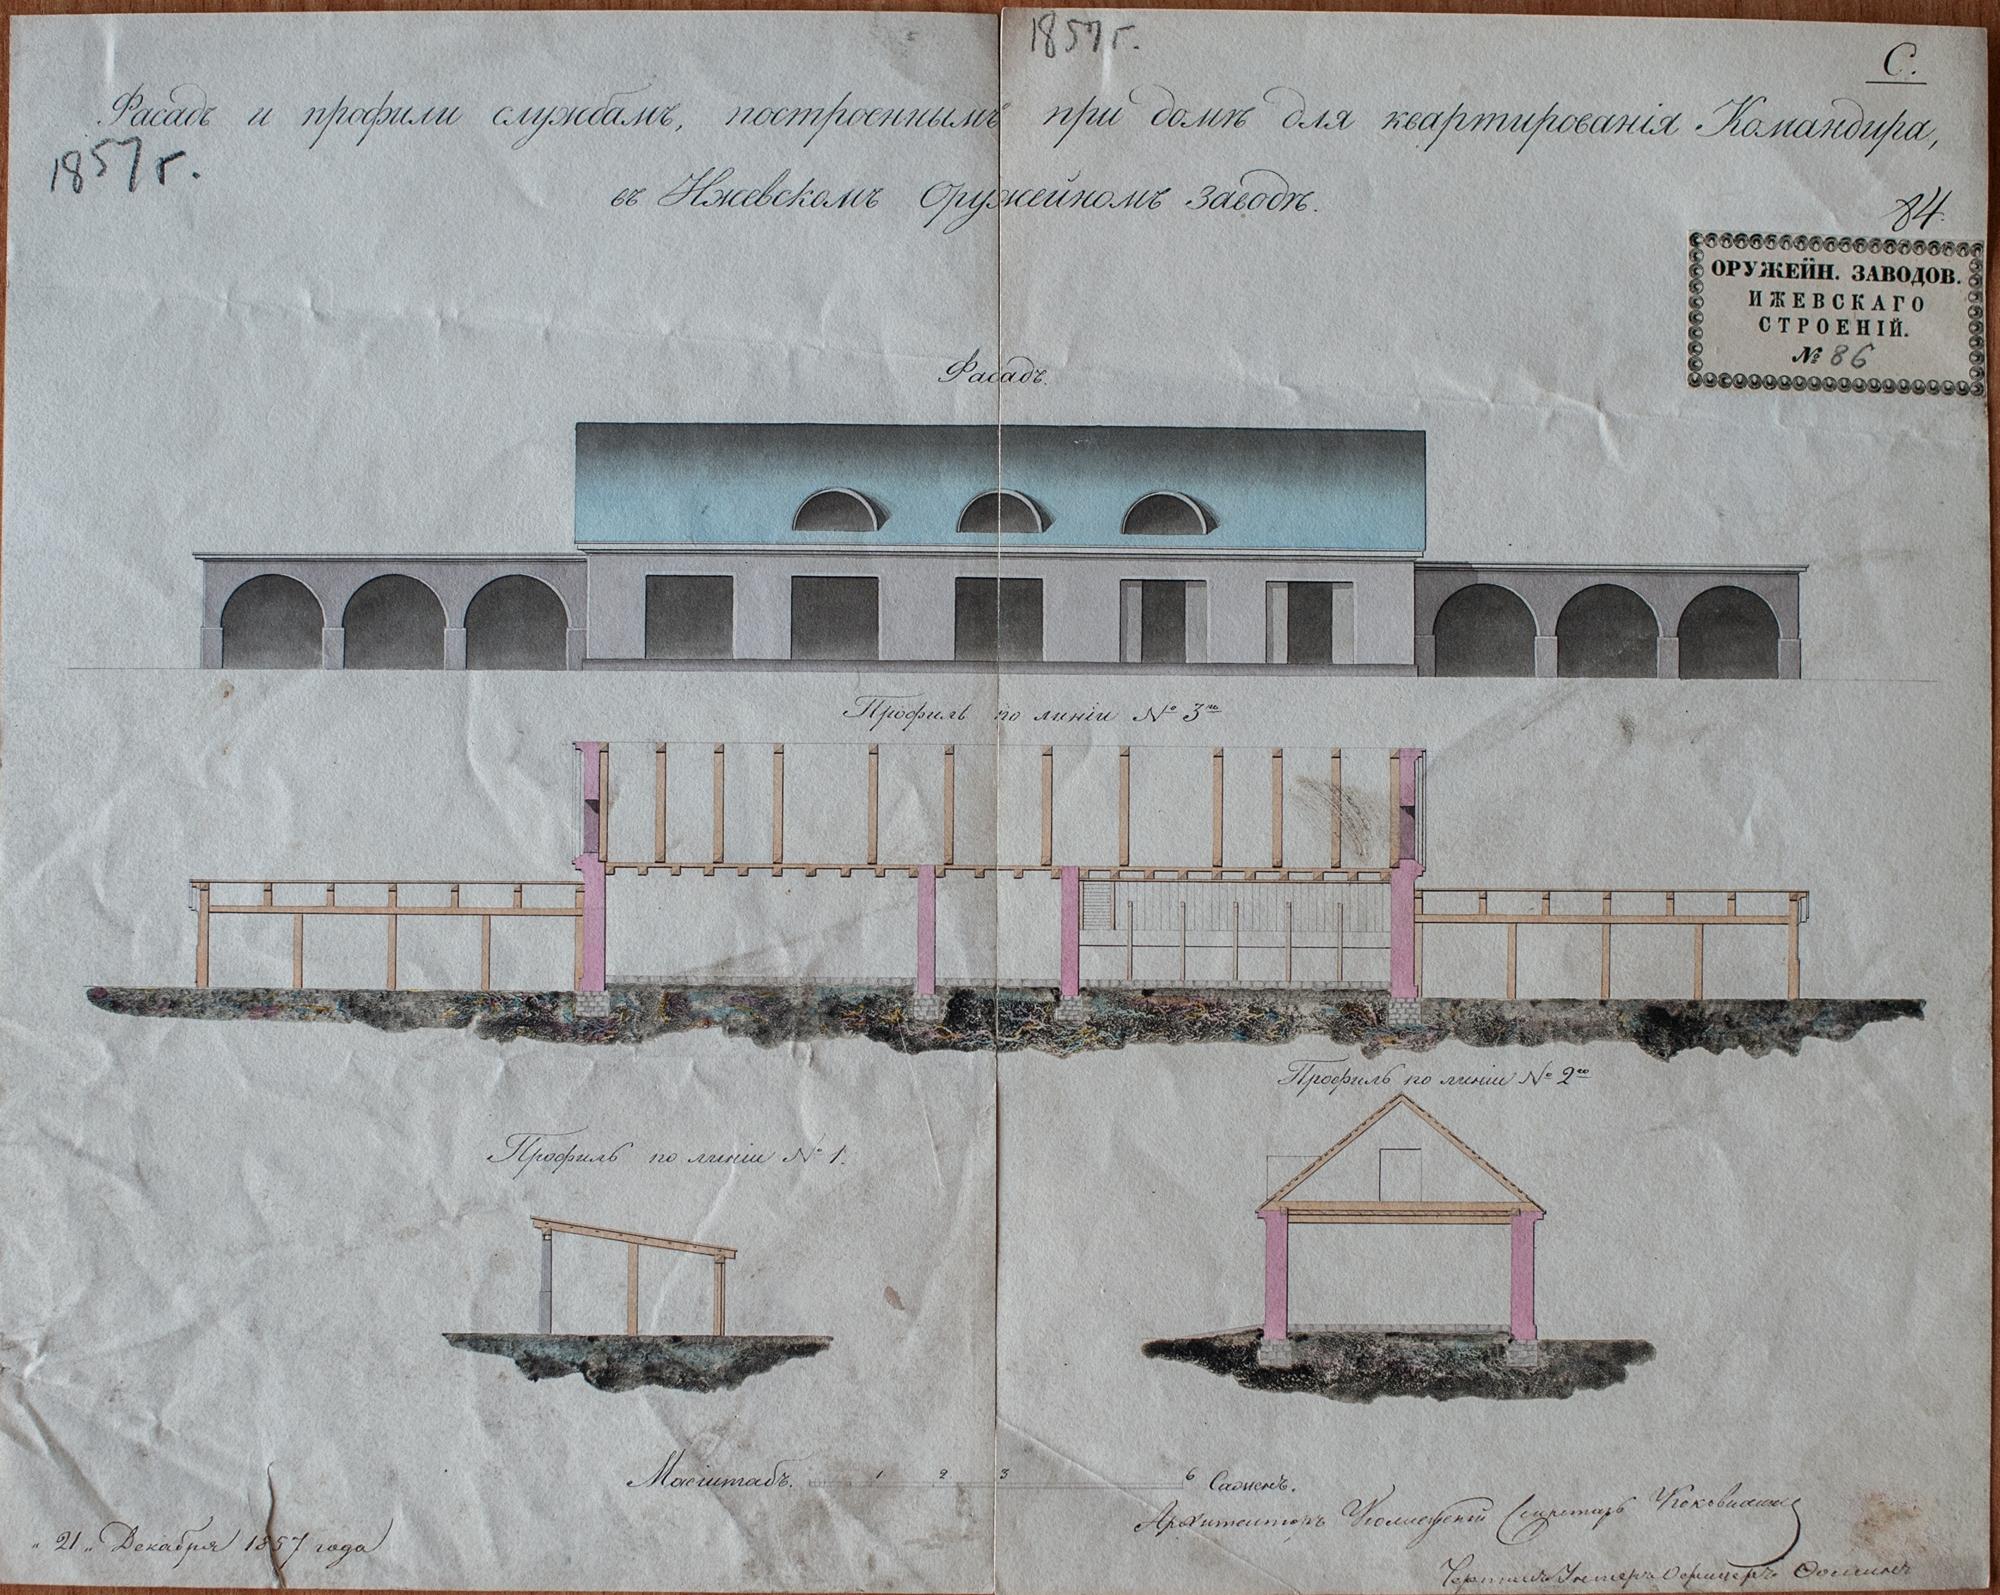 Фасад и профили служб, построенным при доме для квартирования командира. 1857